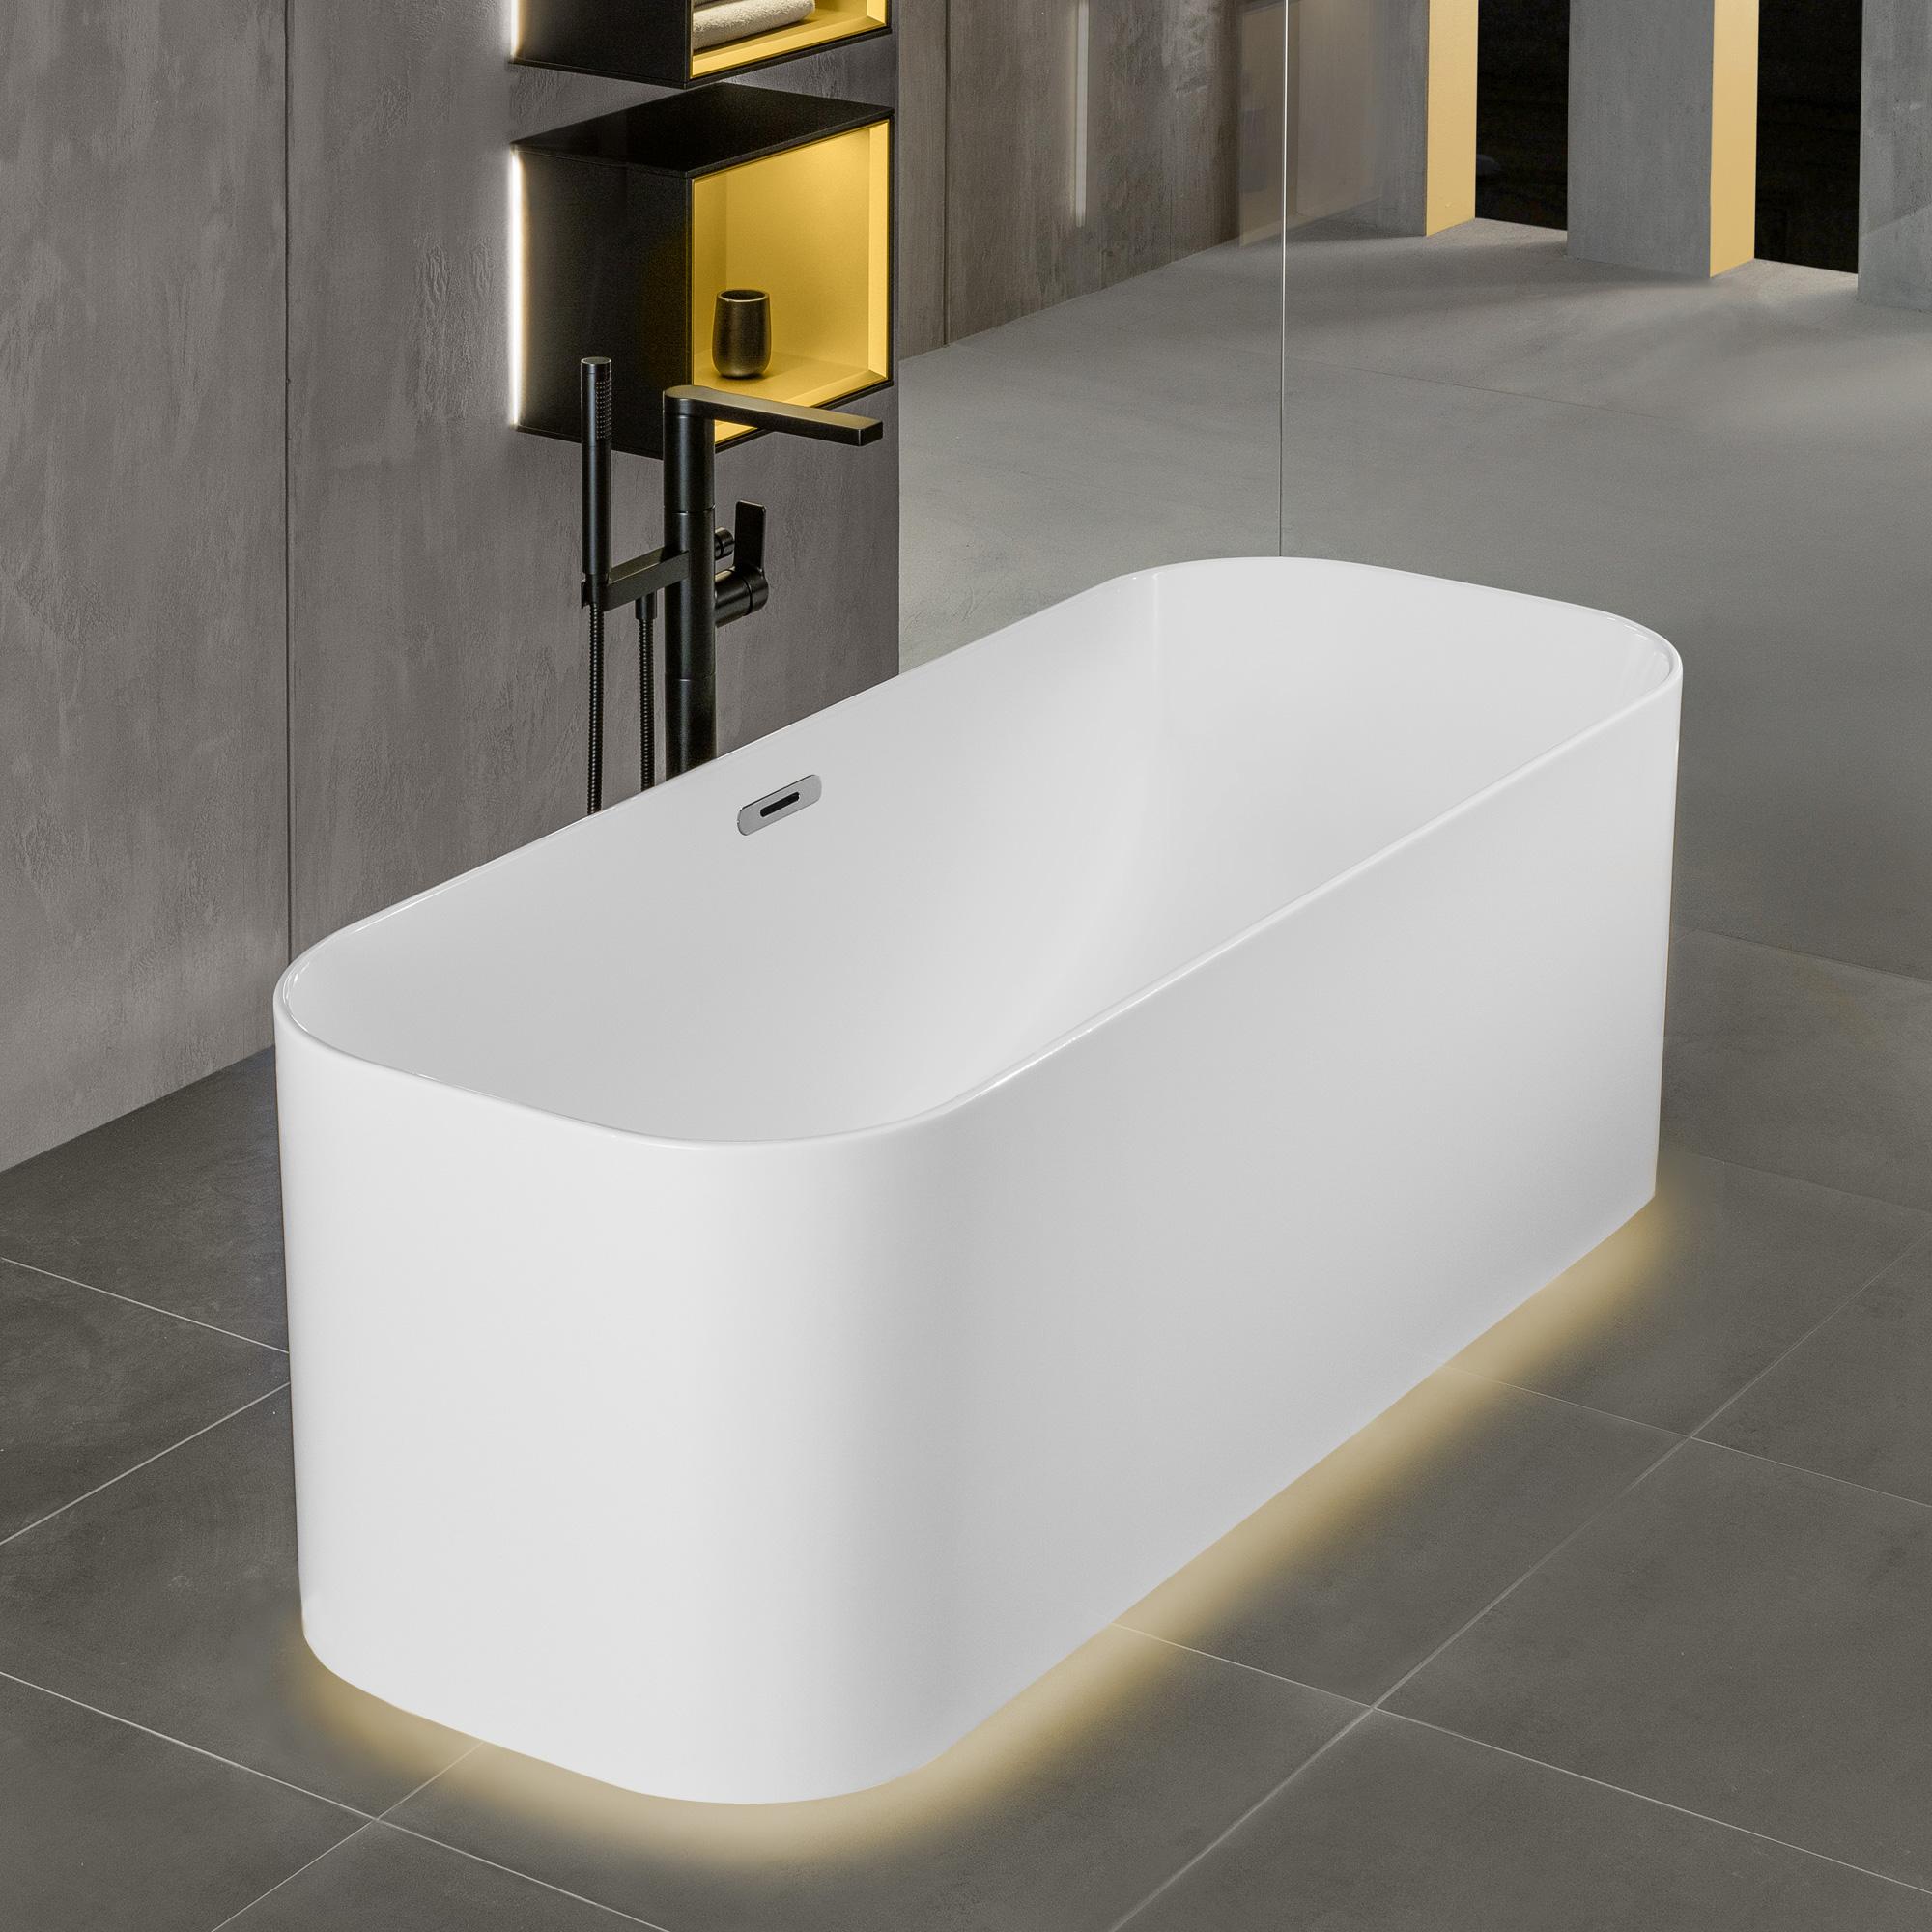 Mineralguss ratgeber zu badewanne waschtisch emero de